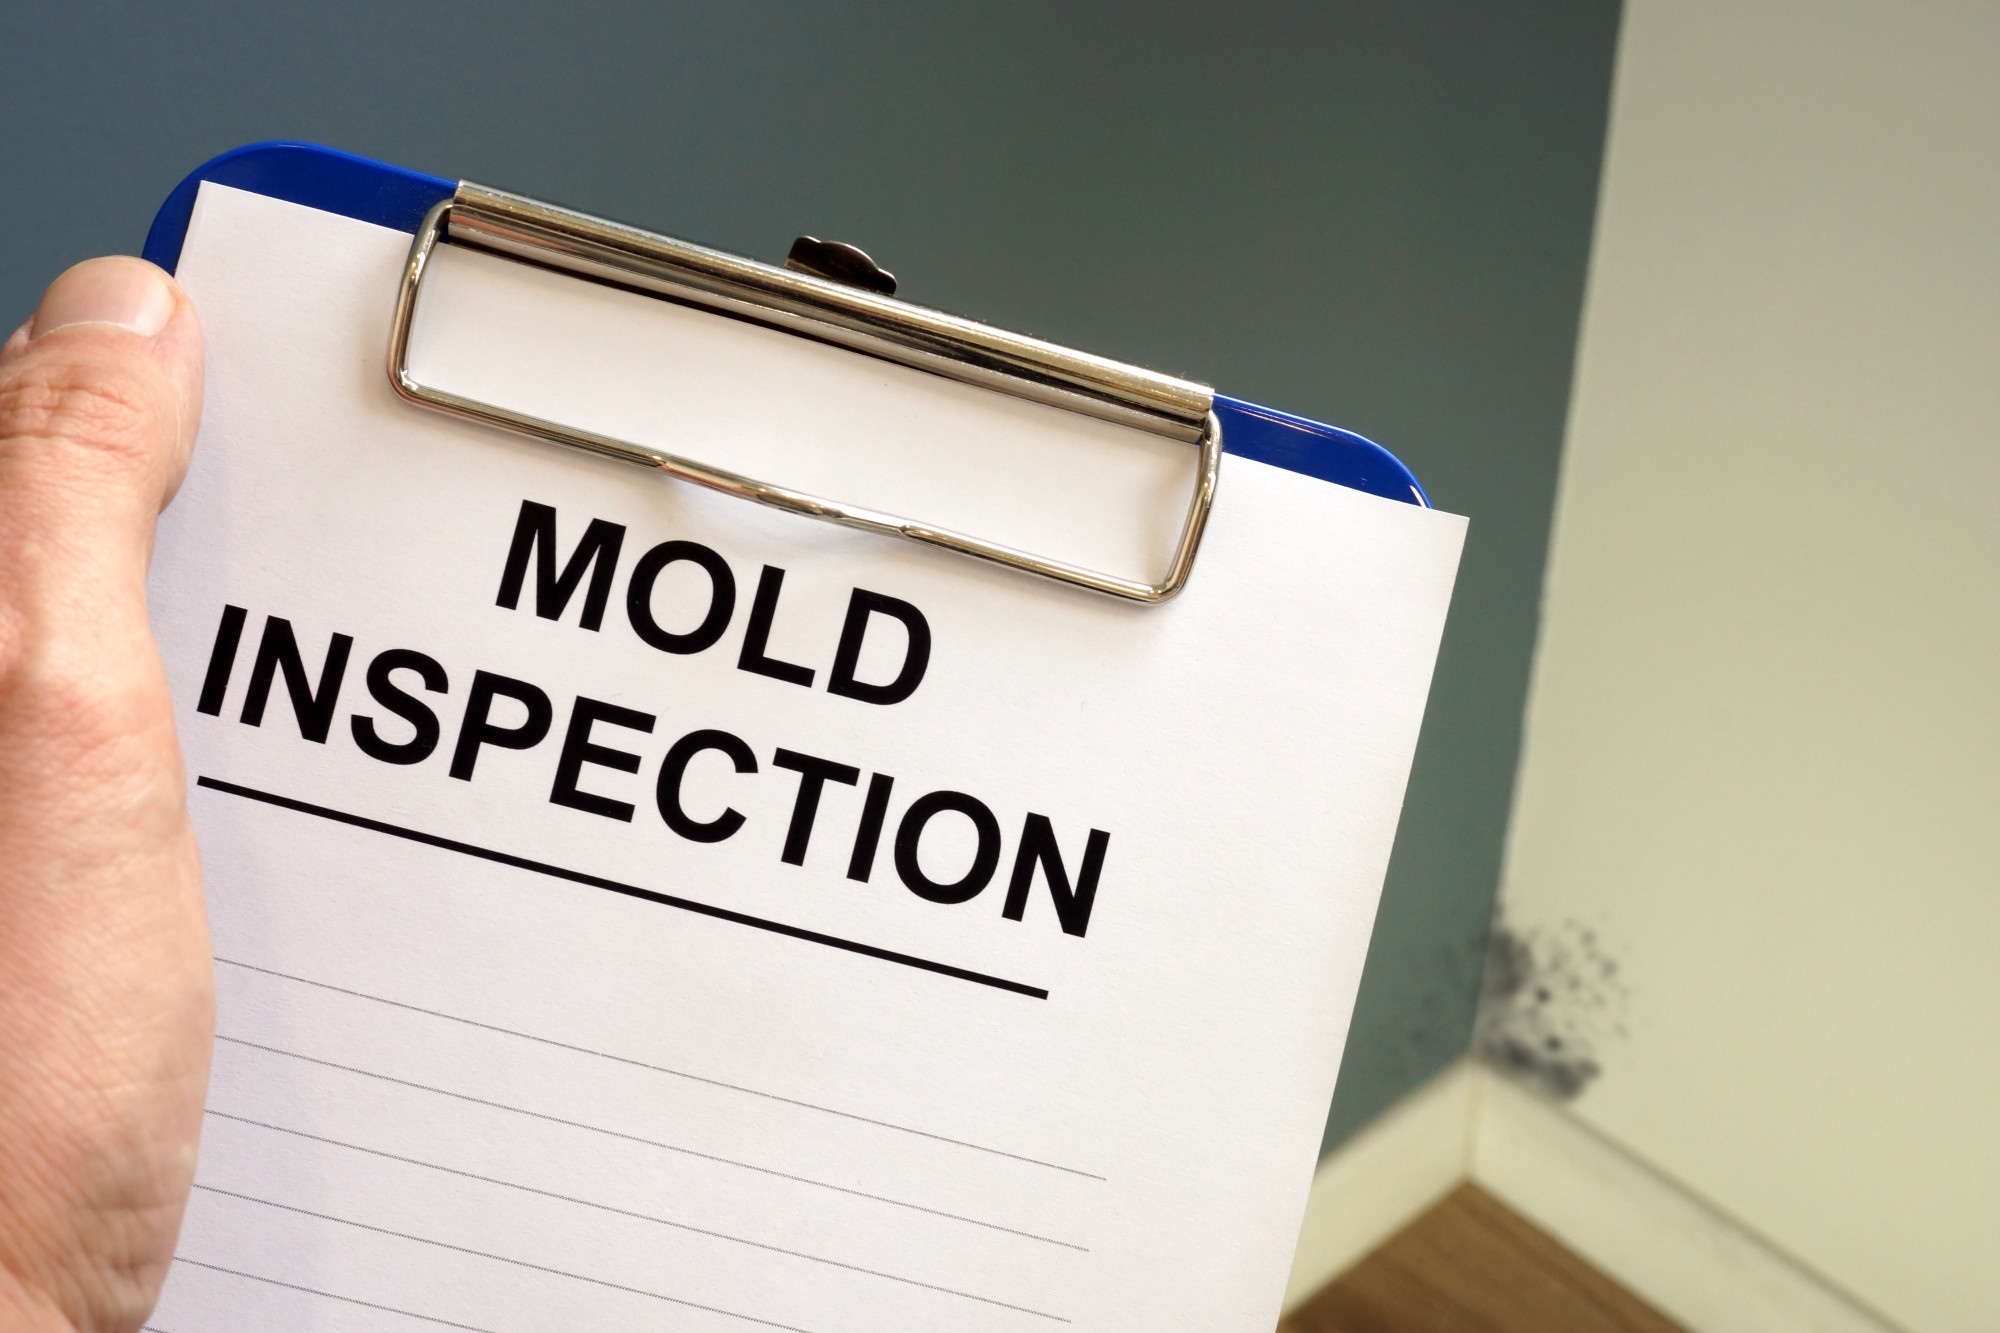 mold inspection company